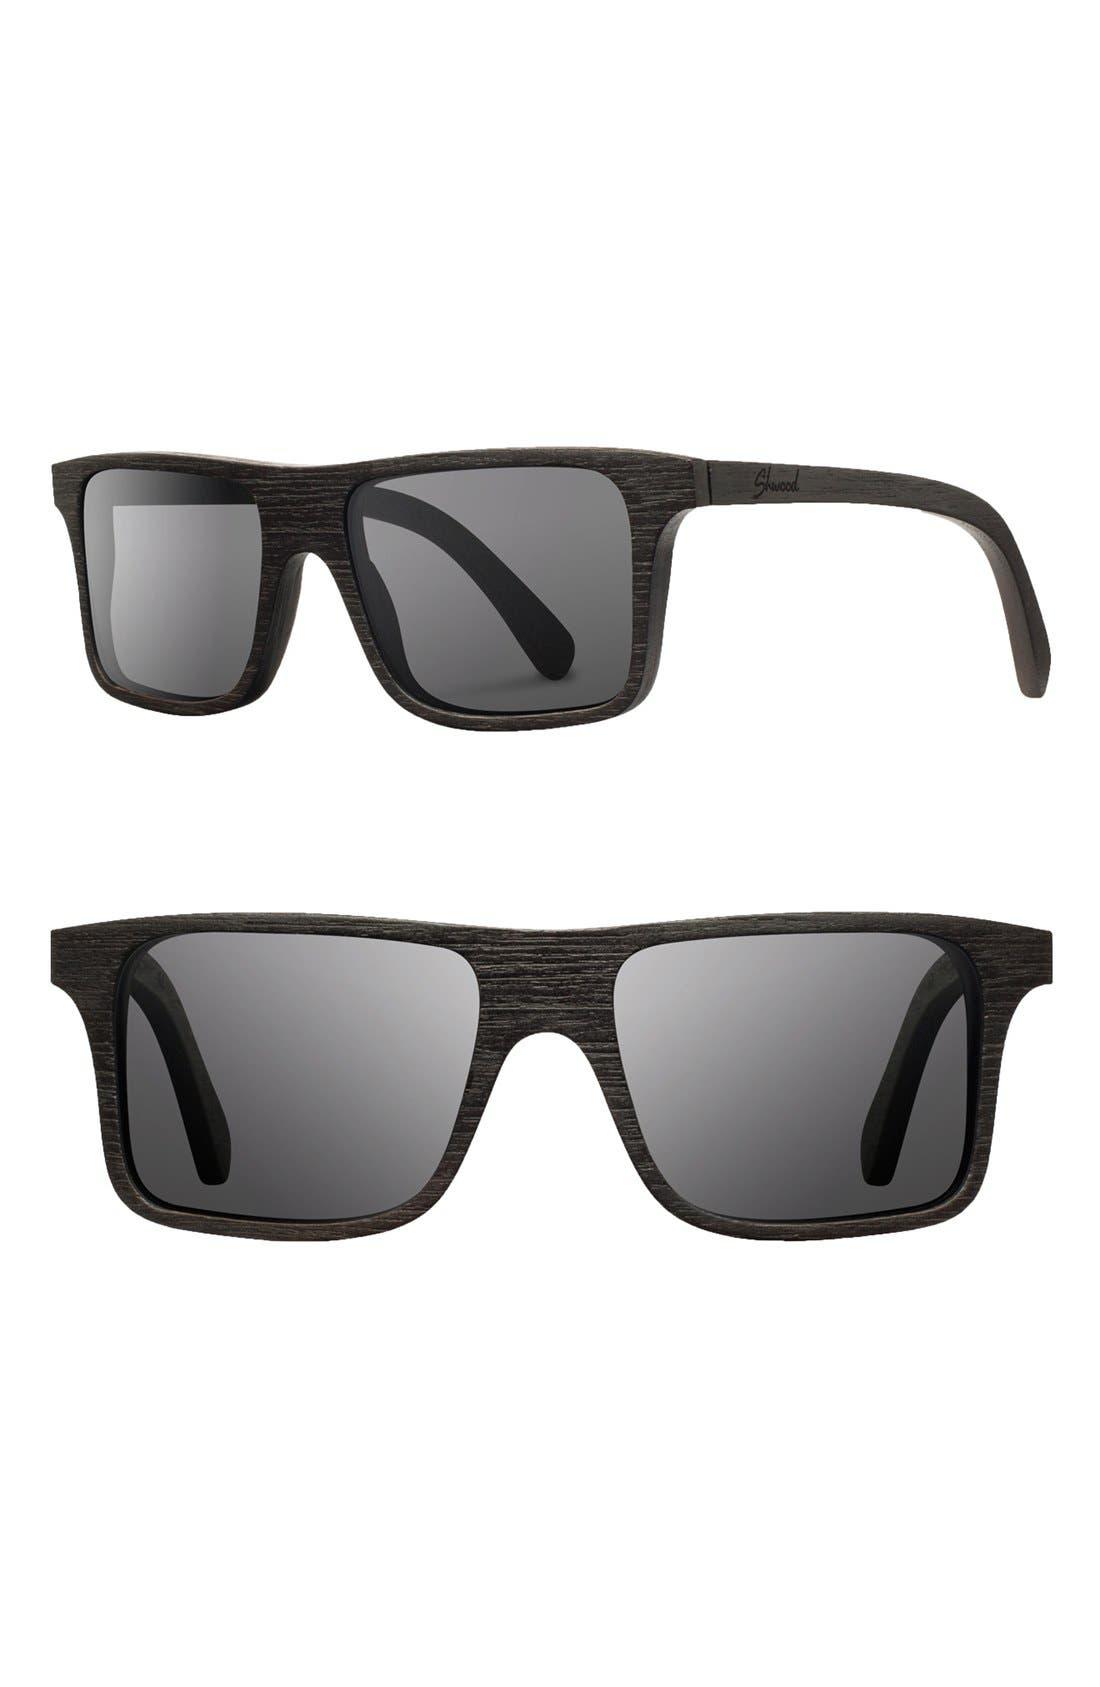 Alternate Image 1 Selected - Shwood 'Govy' 53mm Polarized Sunglasses